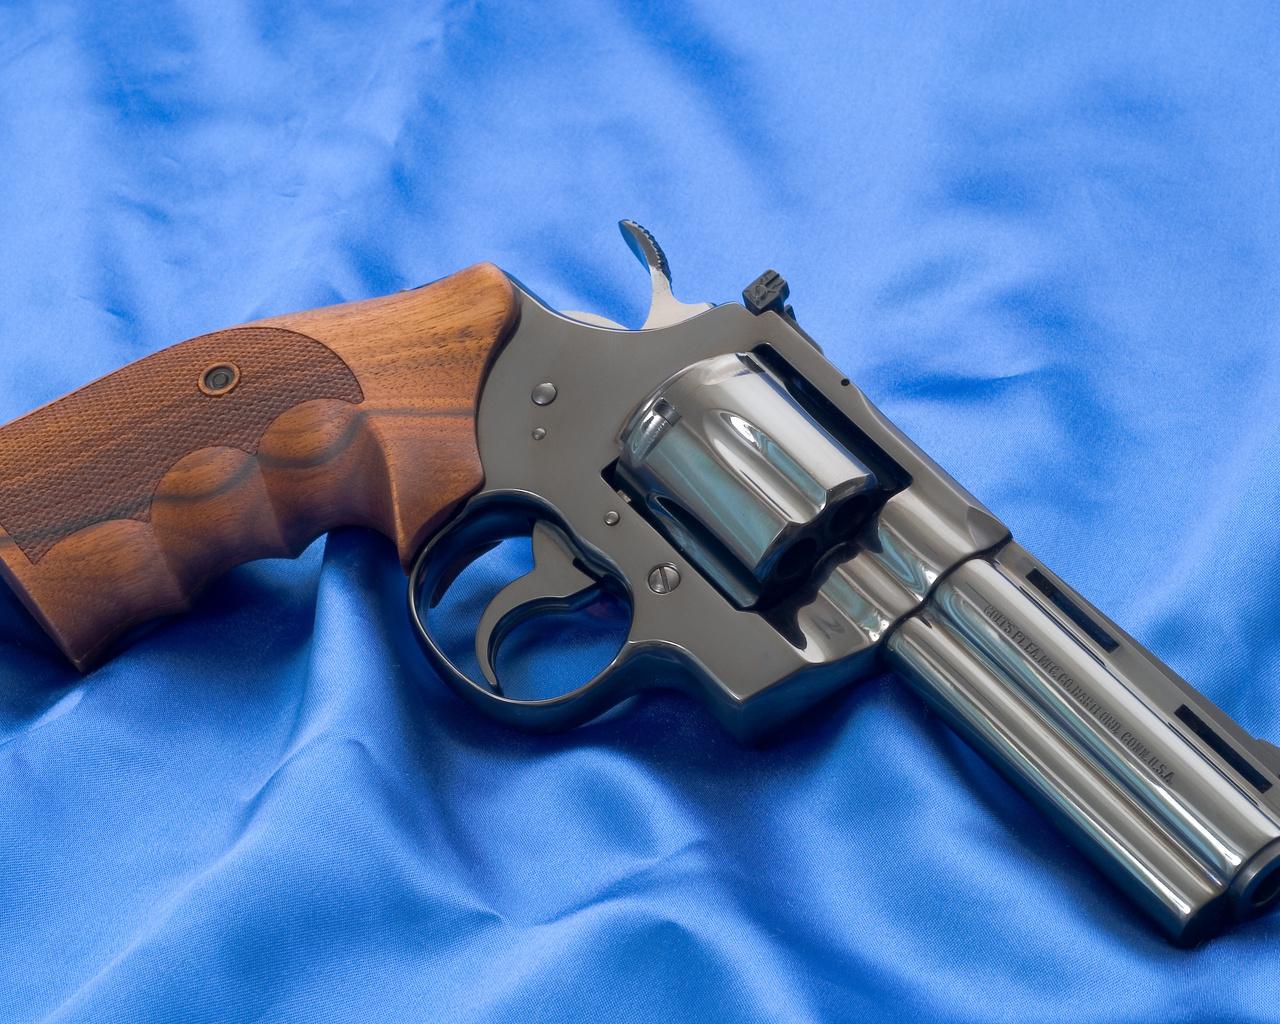 питон, 357 magnum, оружие, Colt, gun, револьвер, python, кольт